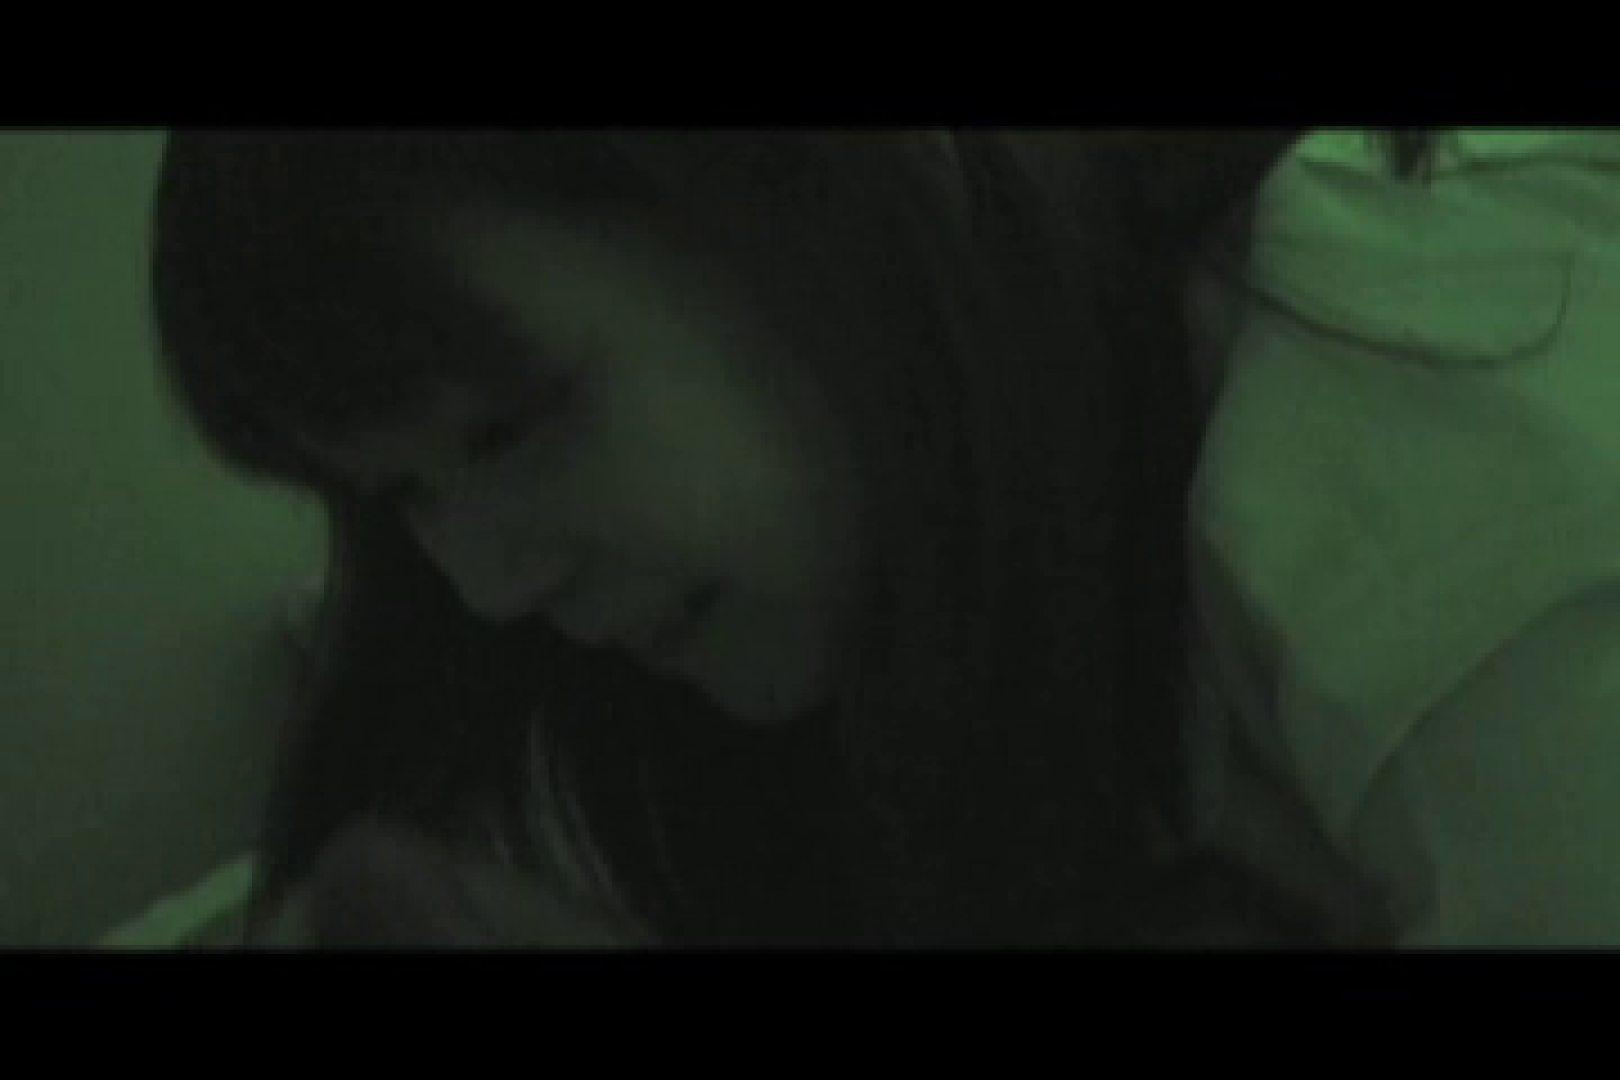 ヤリマンと呼ばれた看護士さんvol3 フェラ のぞき動画画像 41連発 22